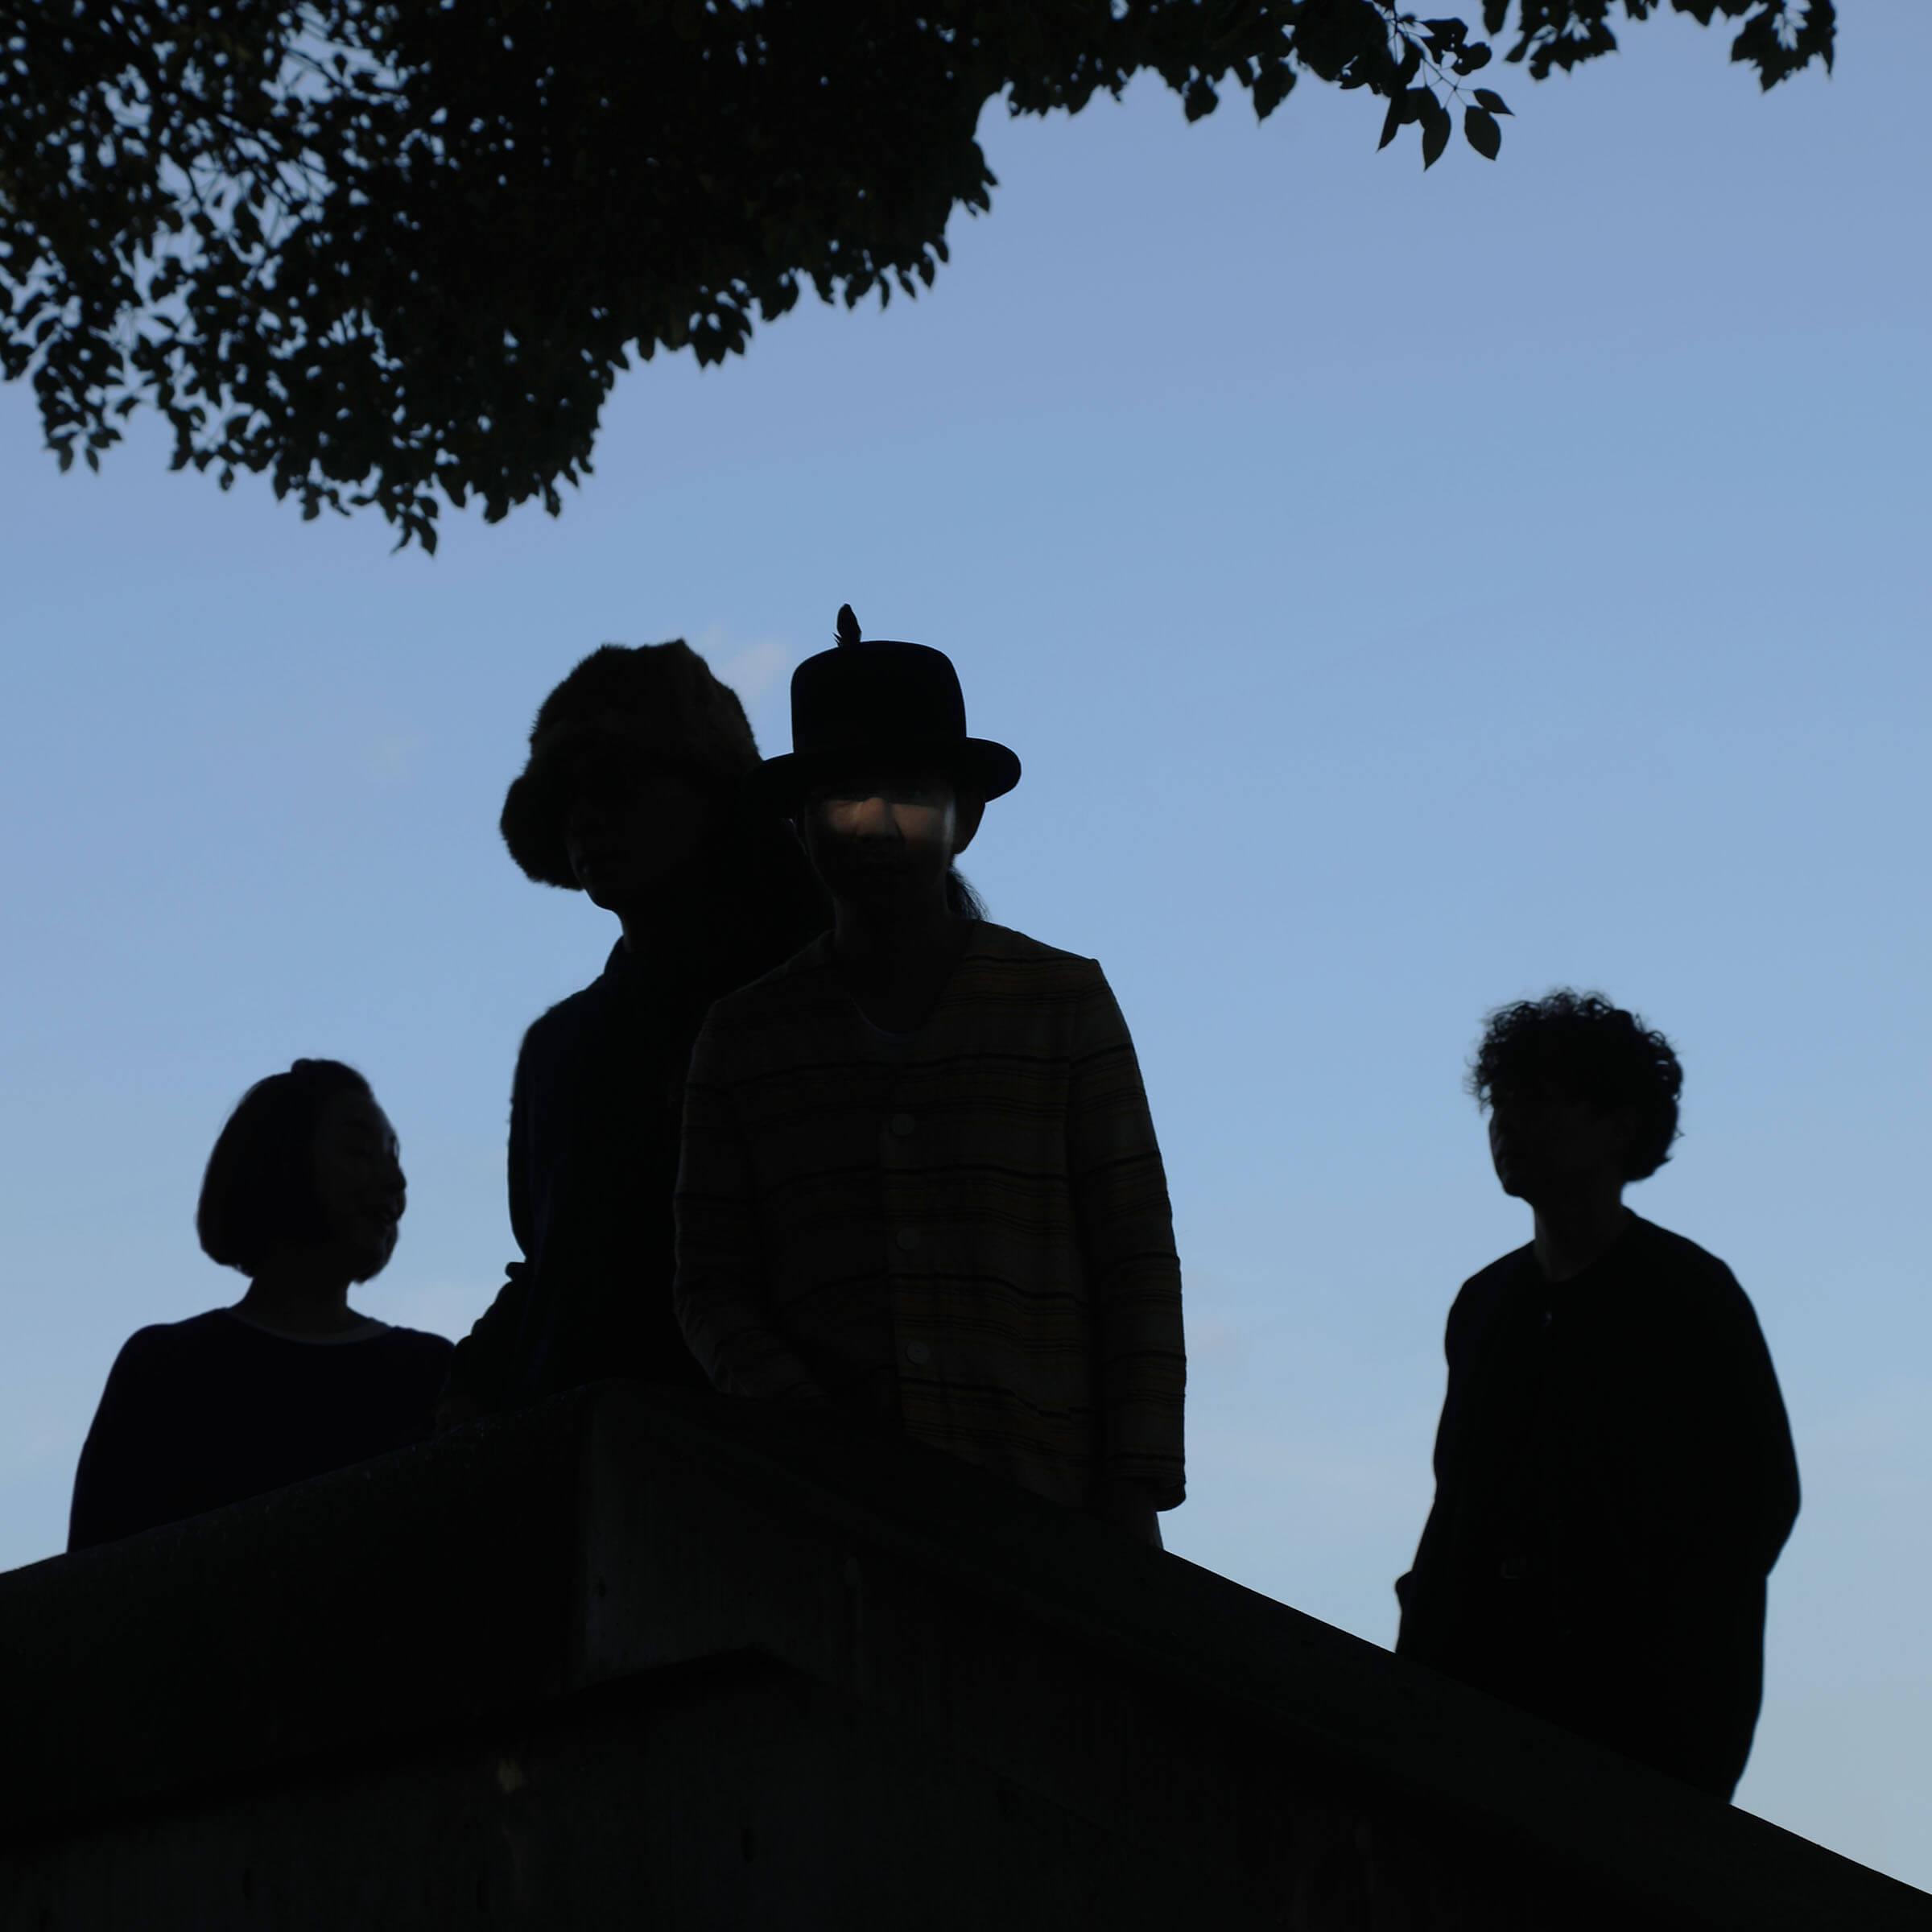 tobaccojuiceの松本敏将によるソロ初作品がROSE RECORDSよりリリース。